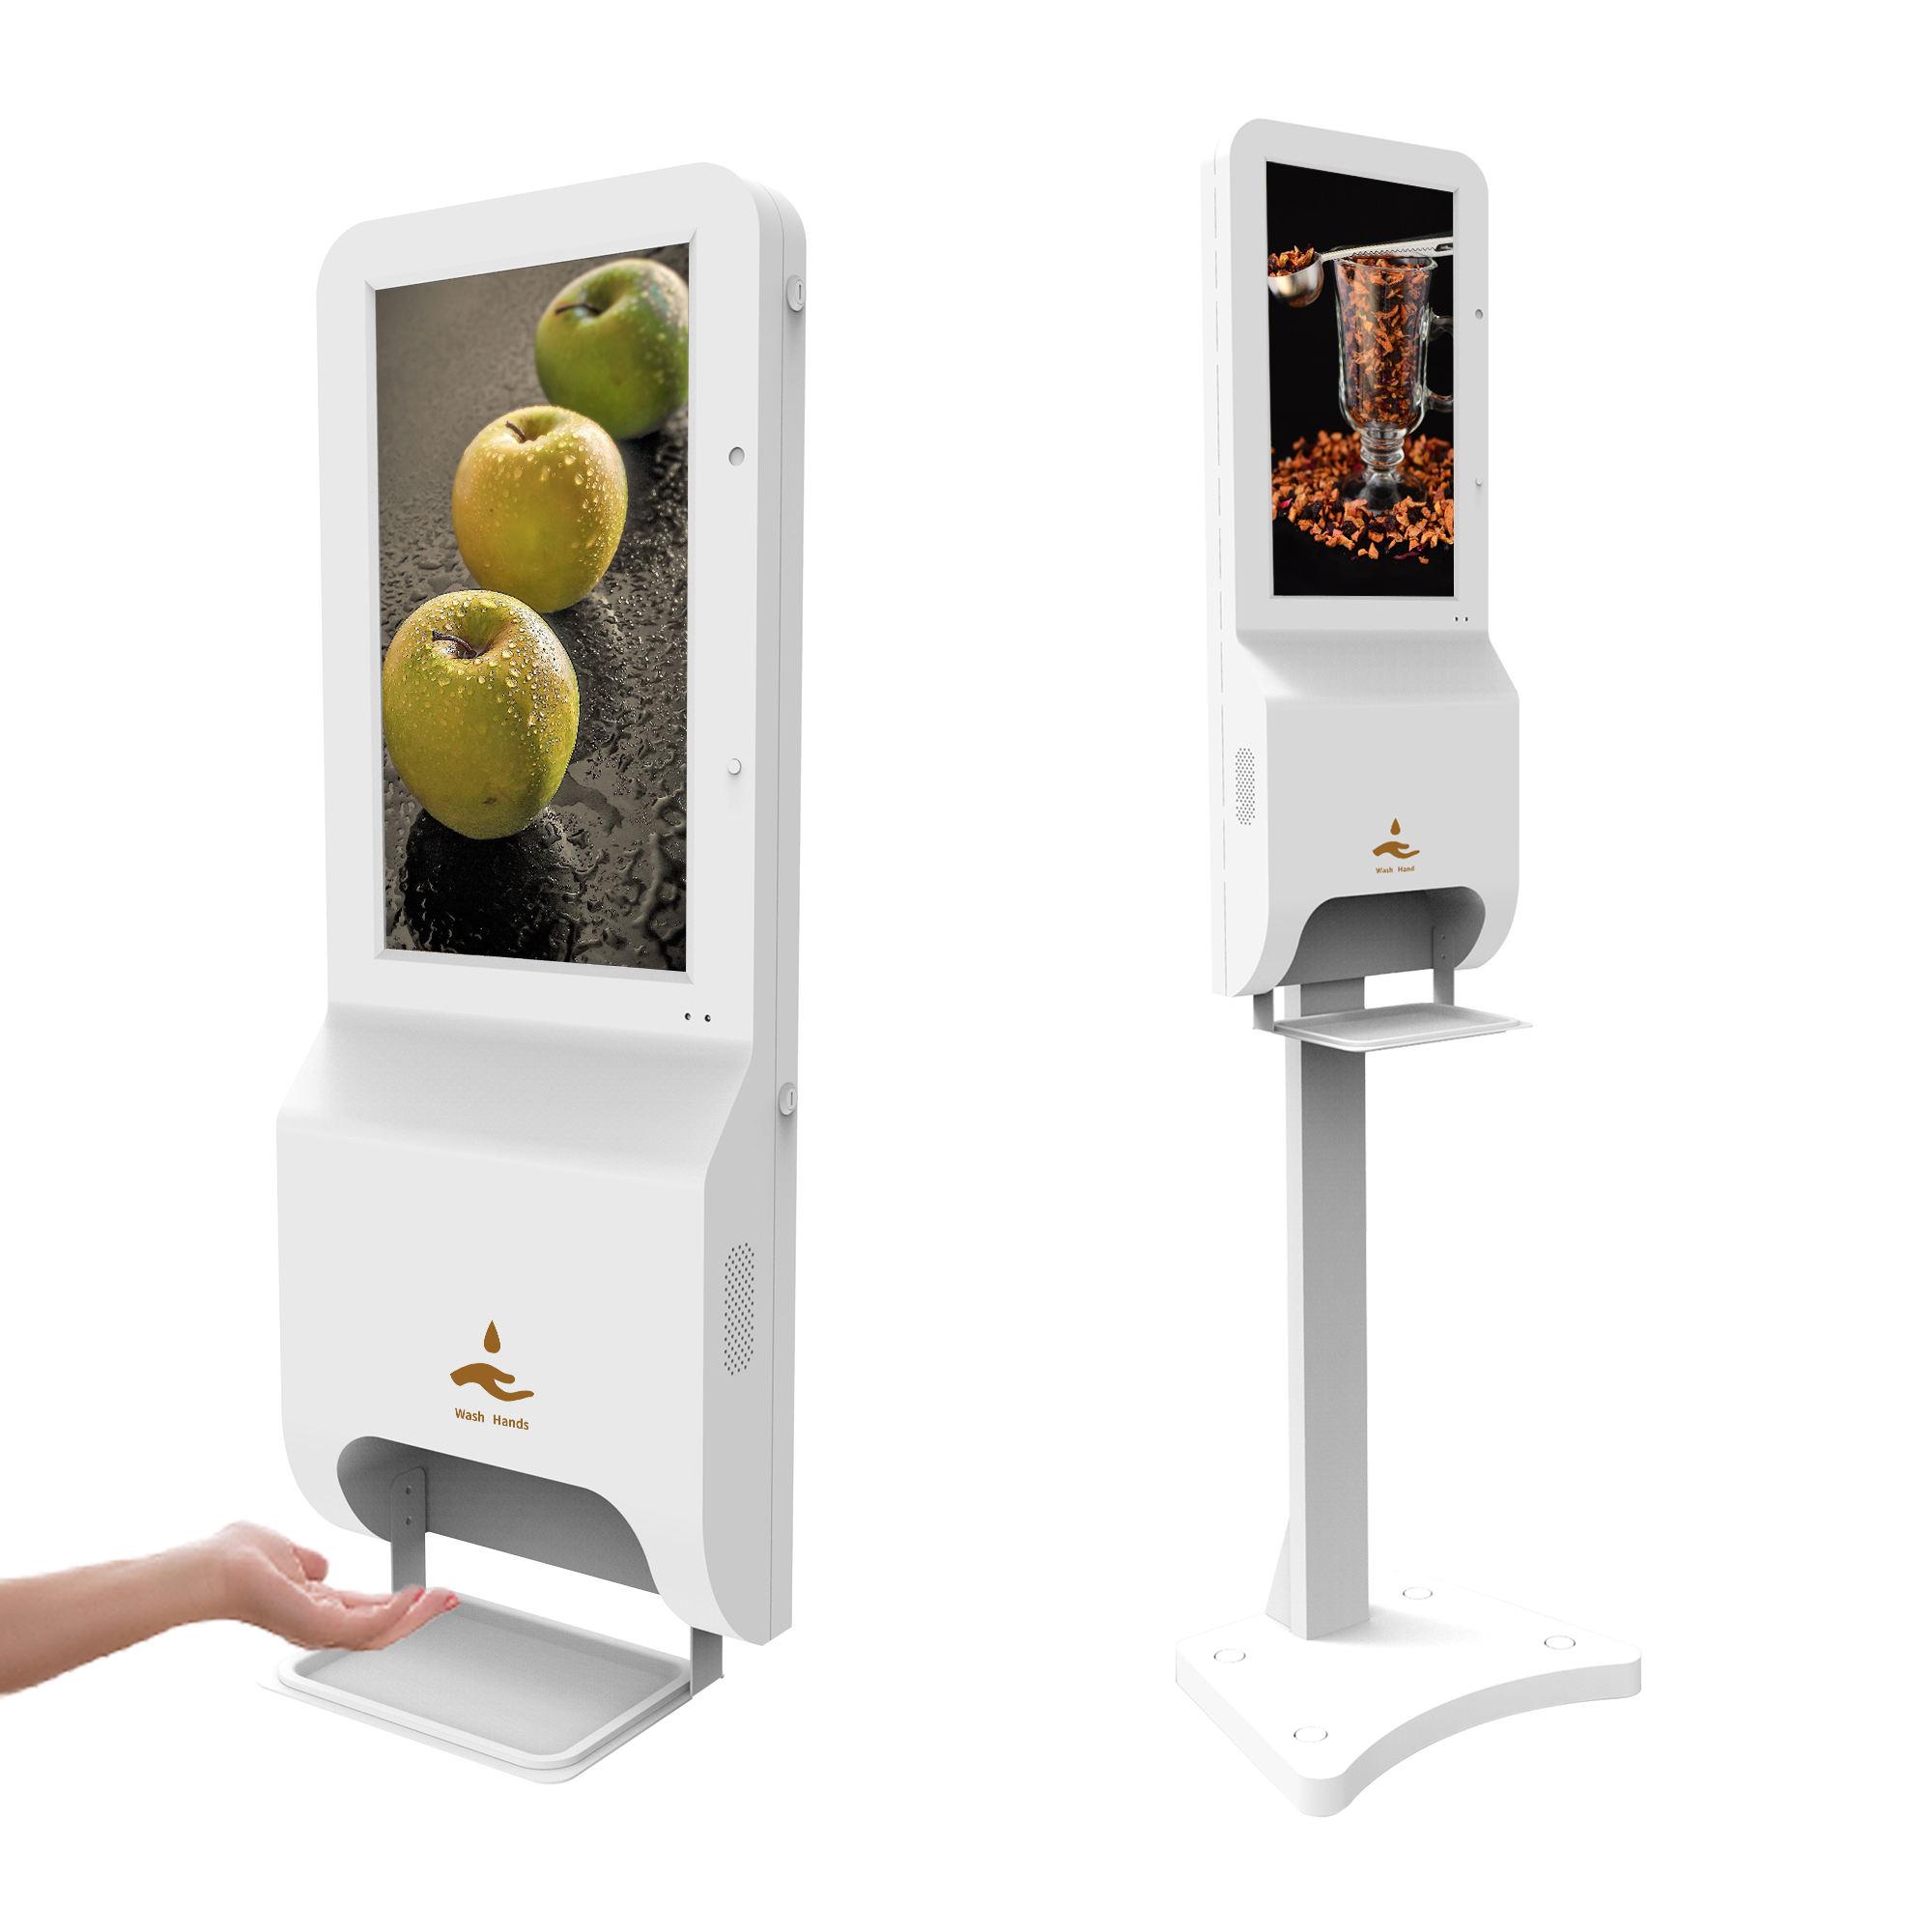 Commercio all'ingrosso pubblico portatile parete automatico di alcol disinfettante per le mani dispenser di sapone 1000ml a cristalli liquidi di pubblicità chiosco